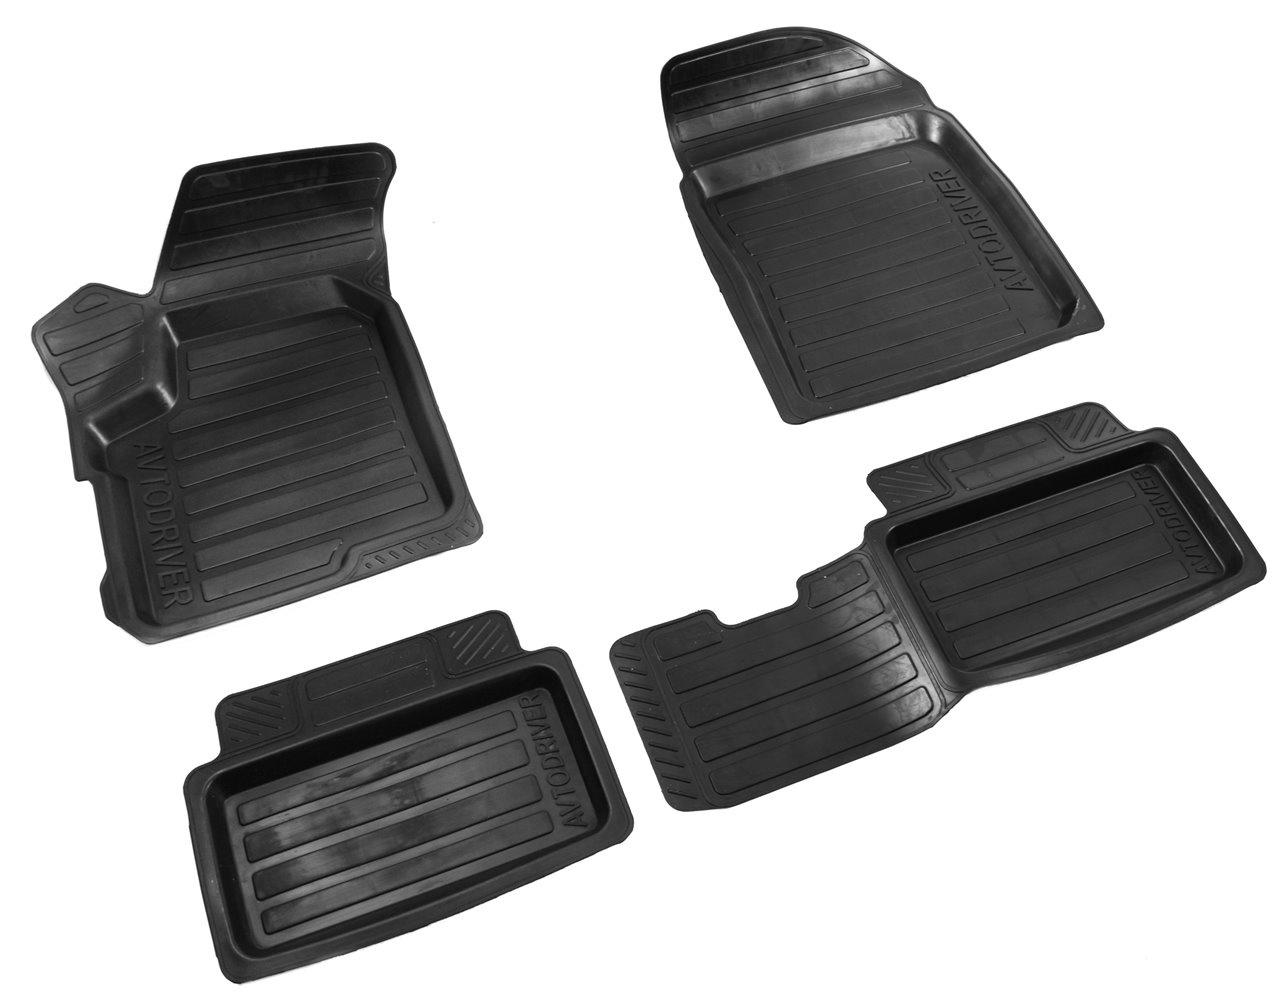 Коврики в салон автомобиля Avtodriver резиновые с бортиком для Chery Indis (2011-), ADRAVG032, черный коврики салона avtodriver для renault duster передний привод 2011 adrjet023 резиновые с бортиком черный